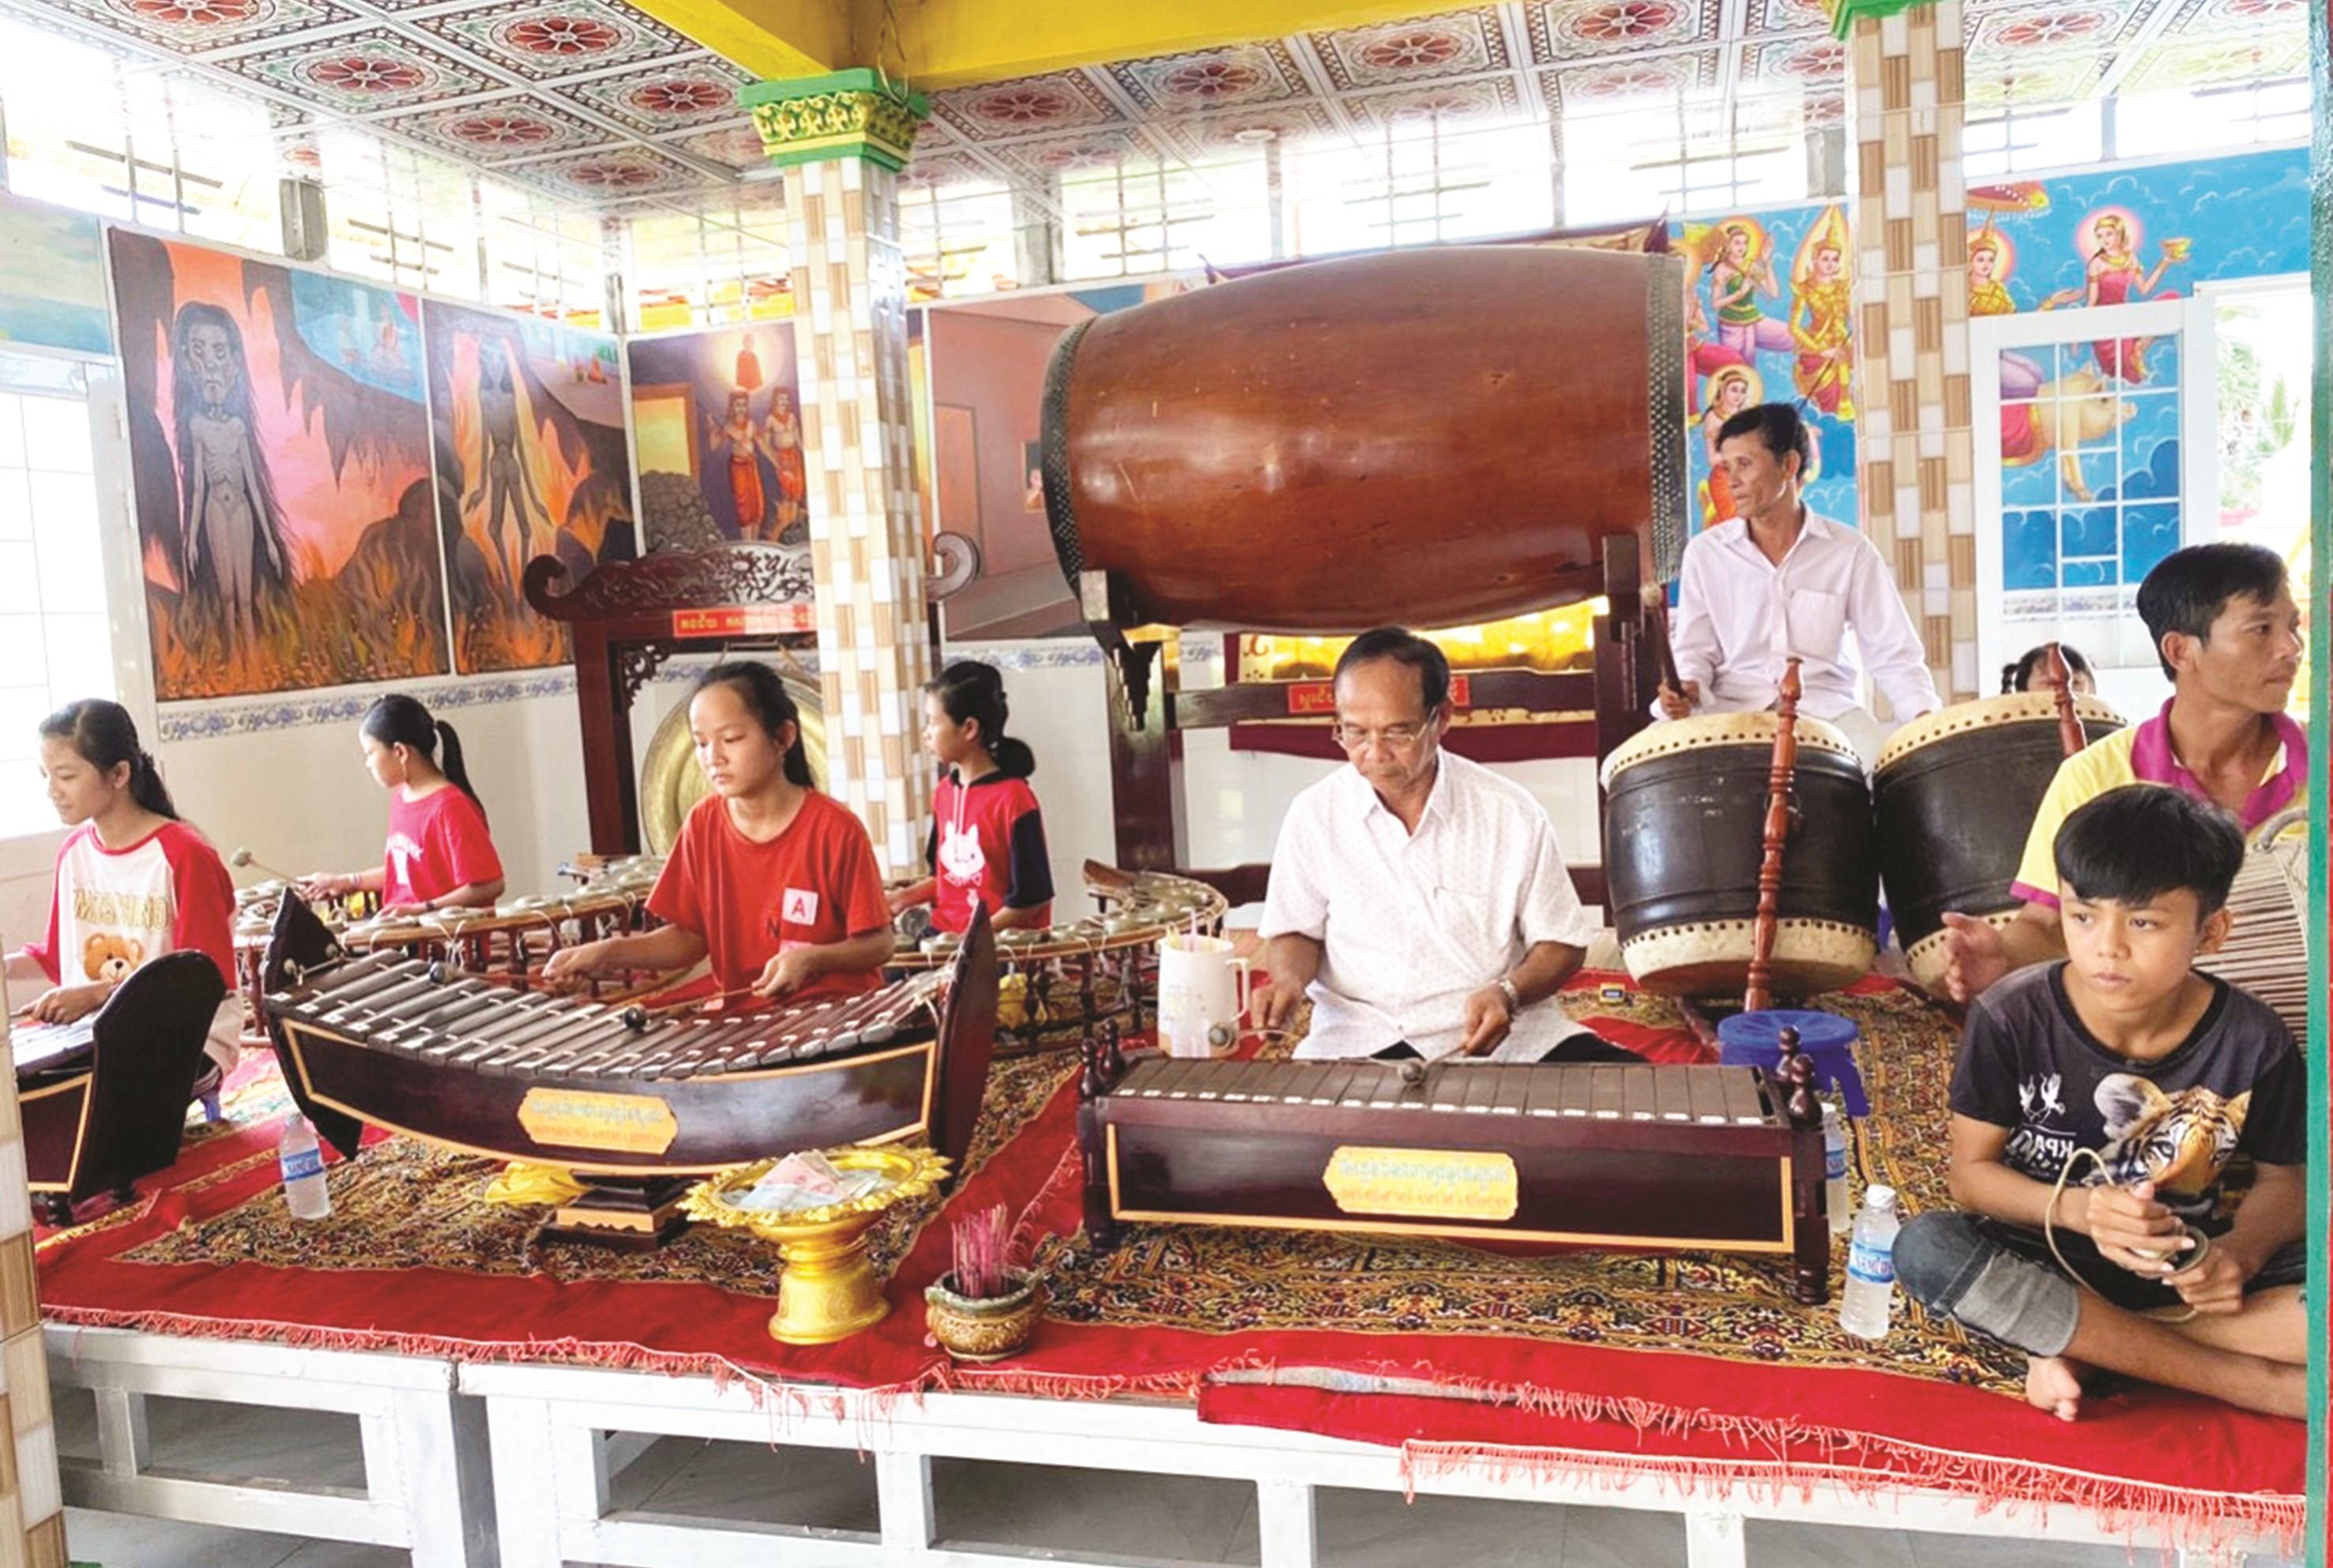 Đội nhạc ngũ âm chùa Xẻo Cạn, huyện U Minh Thượng (Kiên Giang) đang tập luyện để biểu diễn nhân Lễ Sen Đolta.